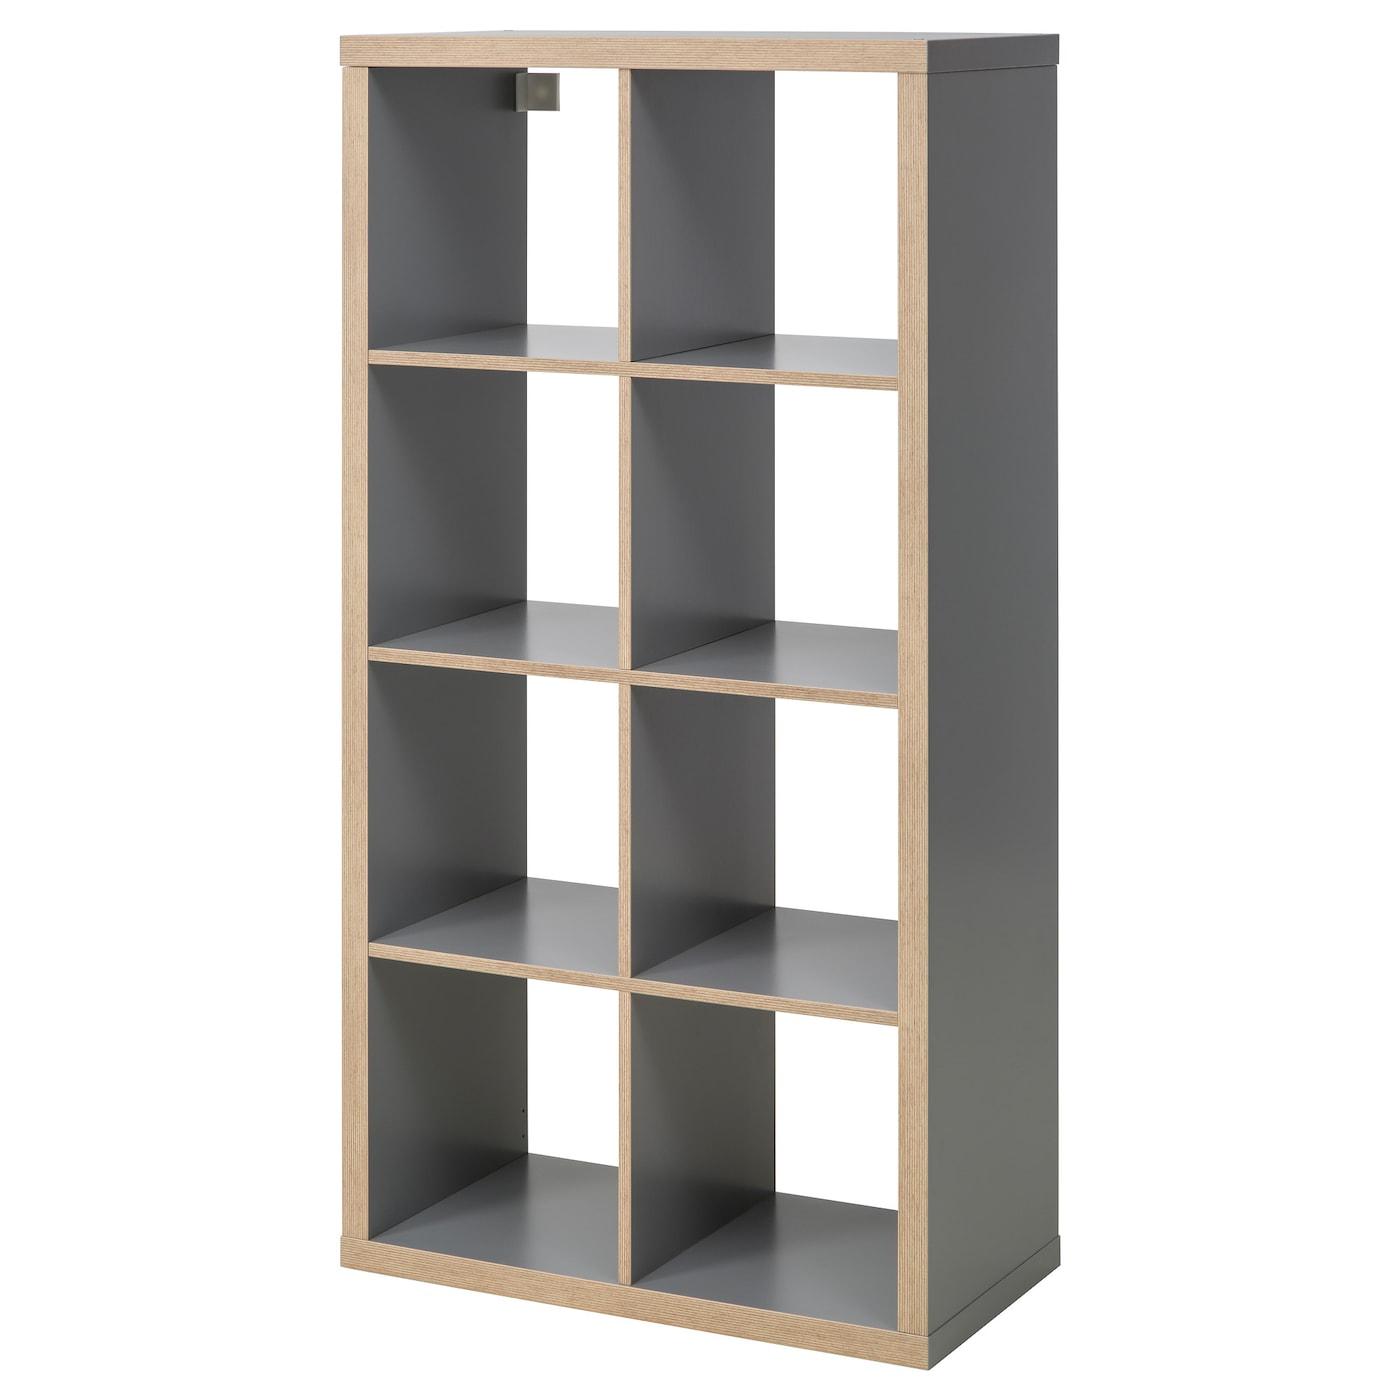 Full Size of Kallaregal Grau Küche Kaufen Ikea Miniküche Hängeregal Modulküche Kosten Sofa Mit Schlaffunktion Betten 160x200 Bei Wohnzimmer Ikea Hängeregal